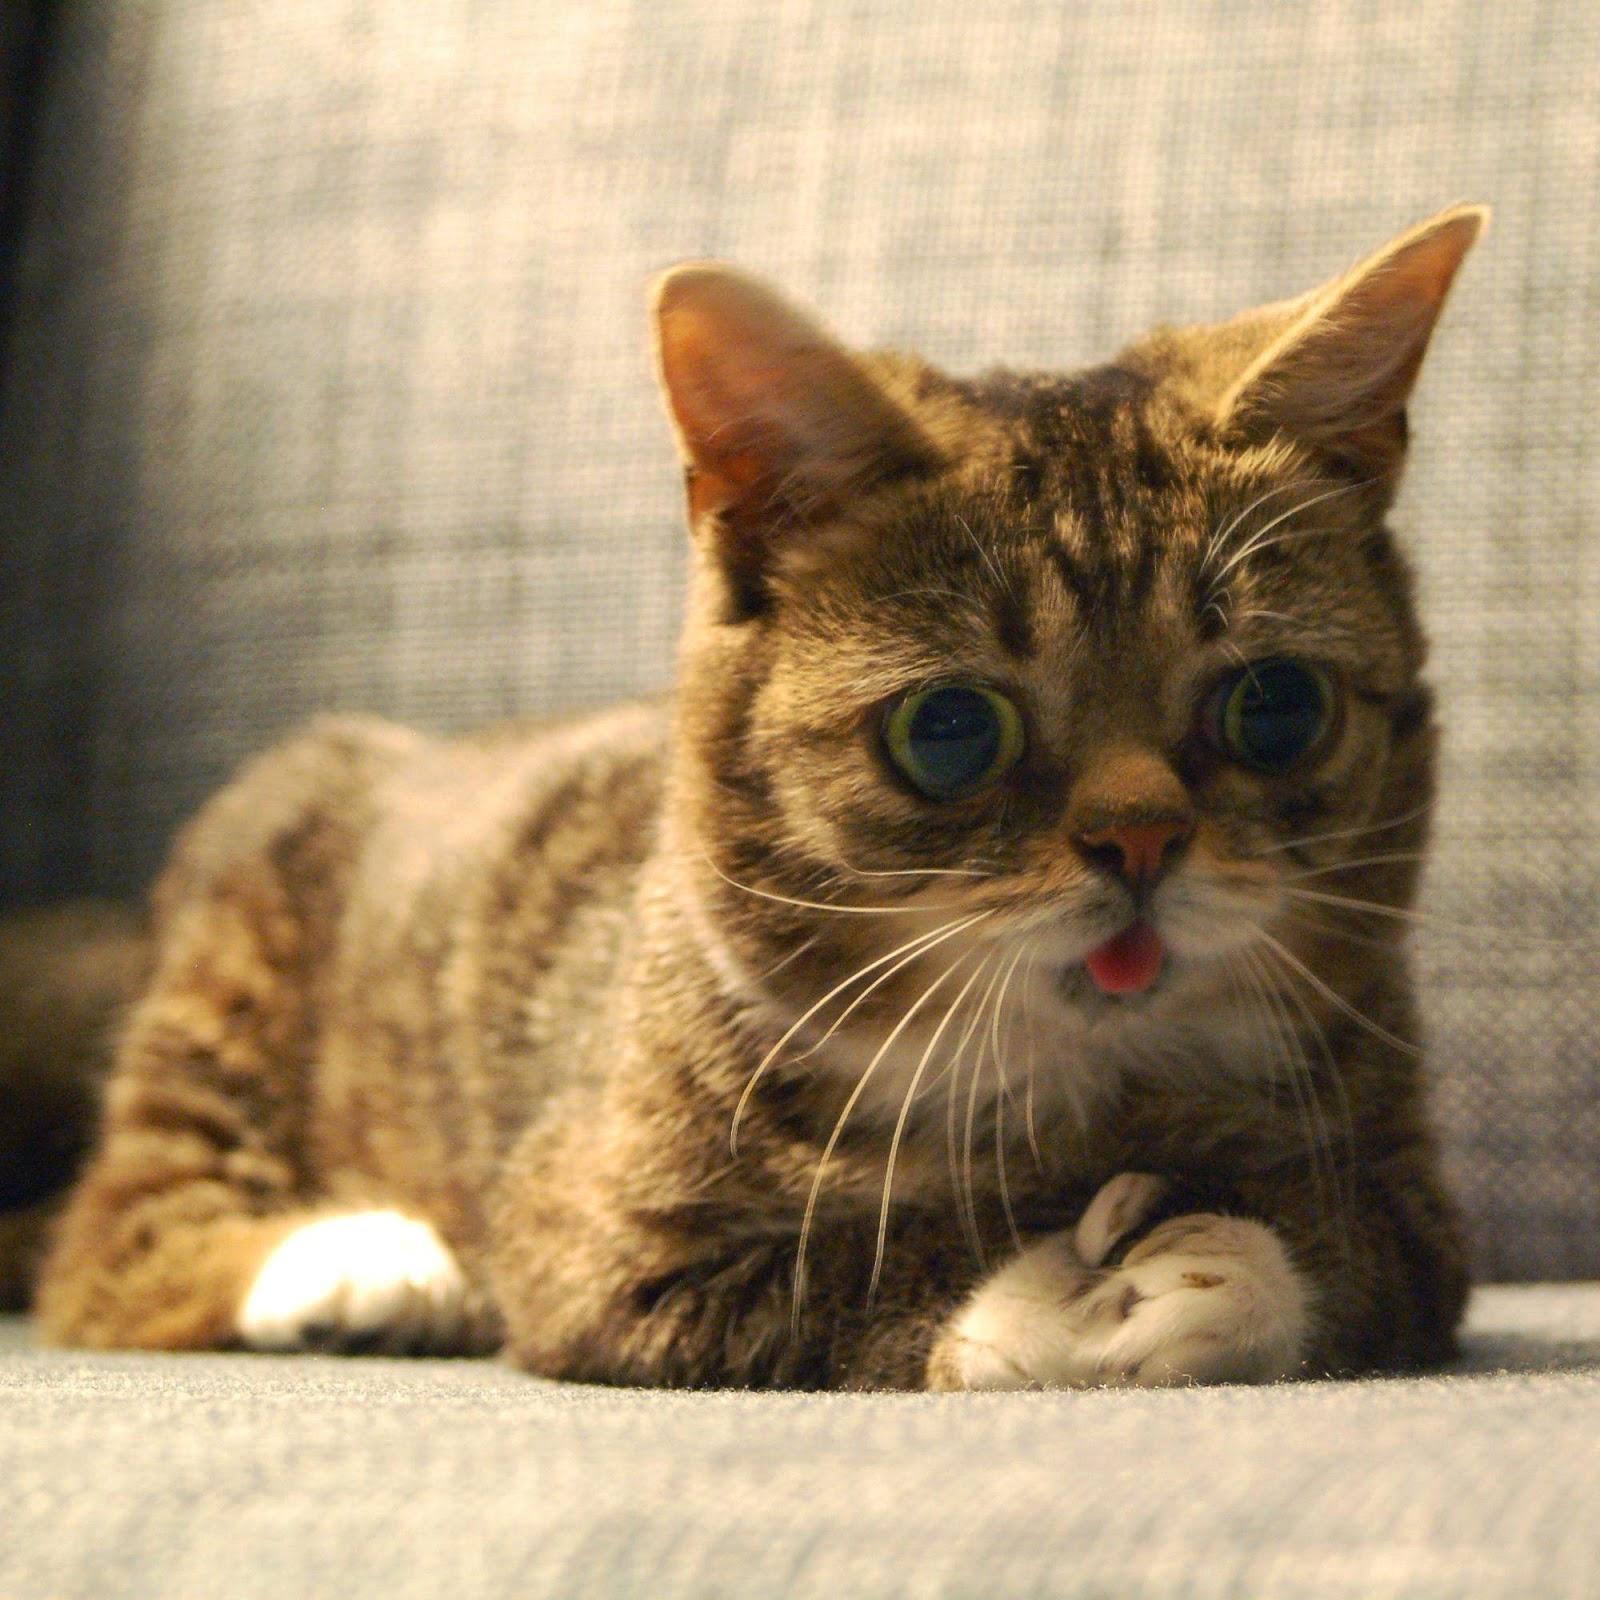 Funny Cats: Funny Cats - Part 217 (40 Pics + 10 Gifs)